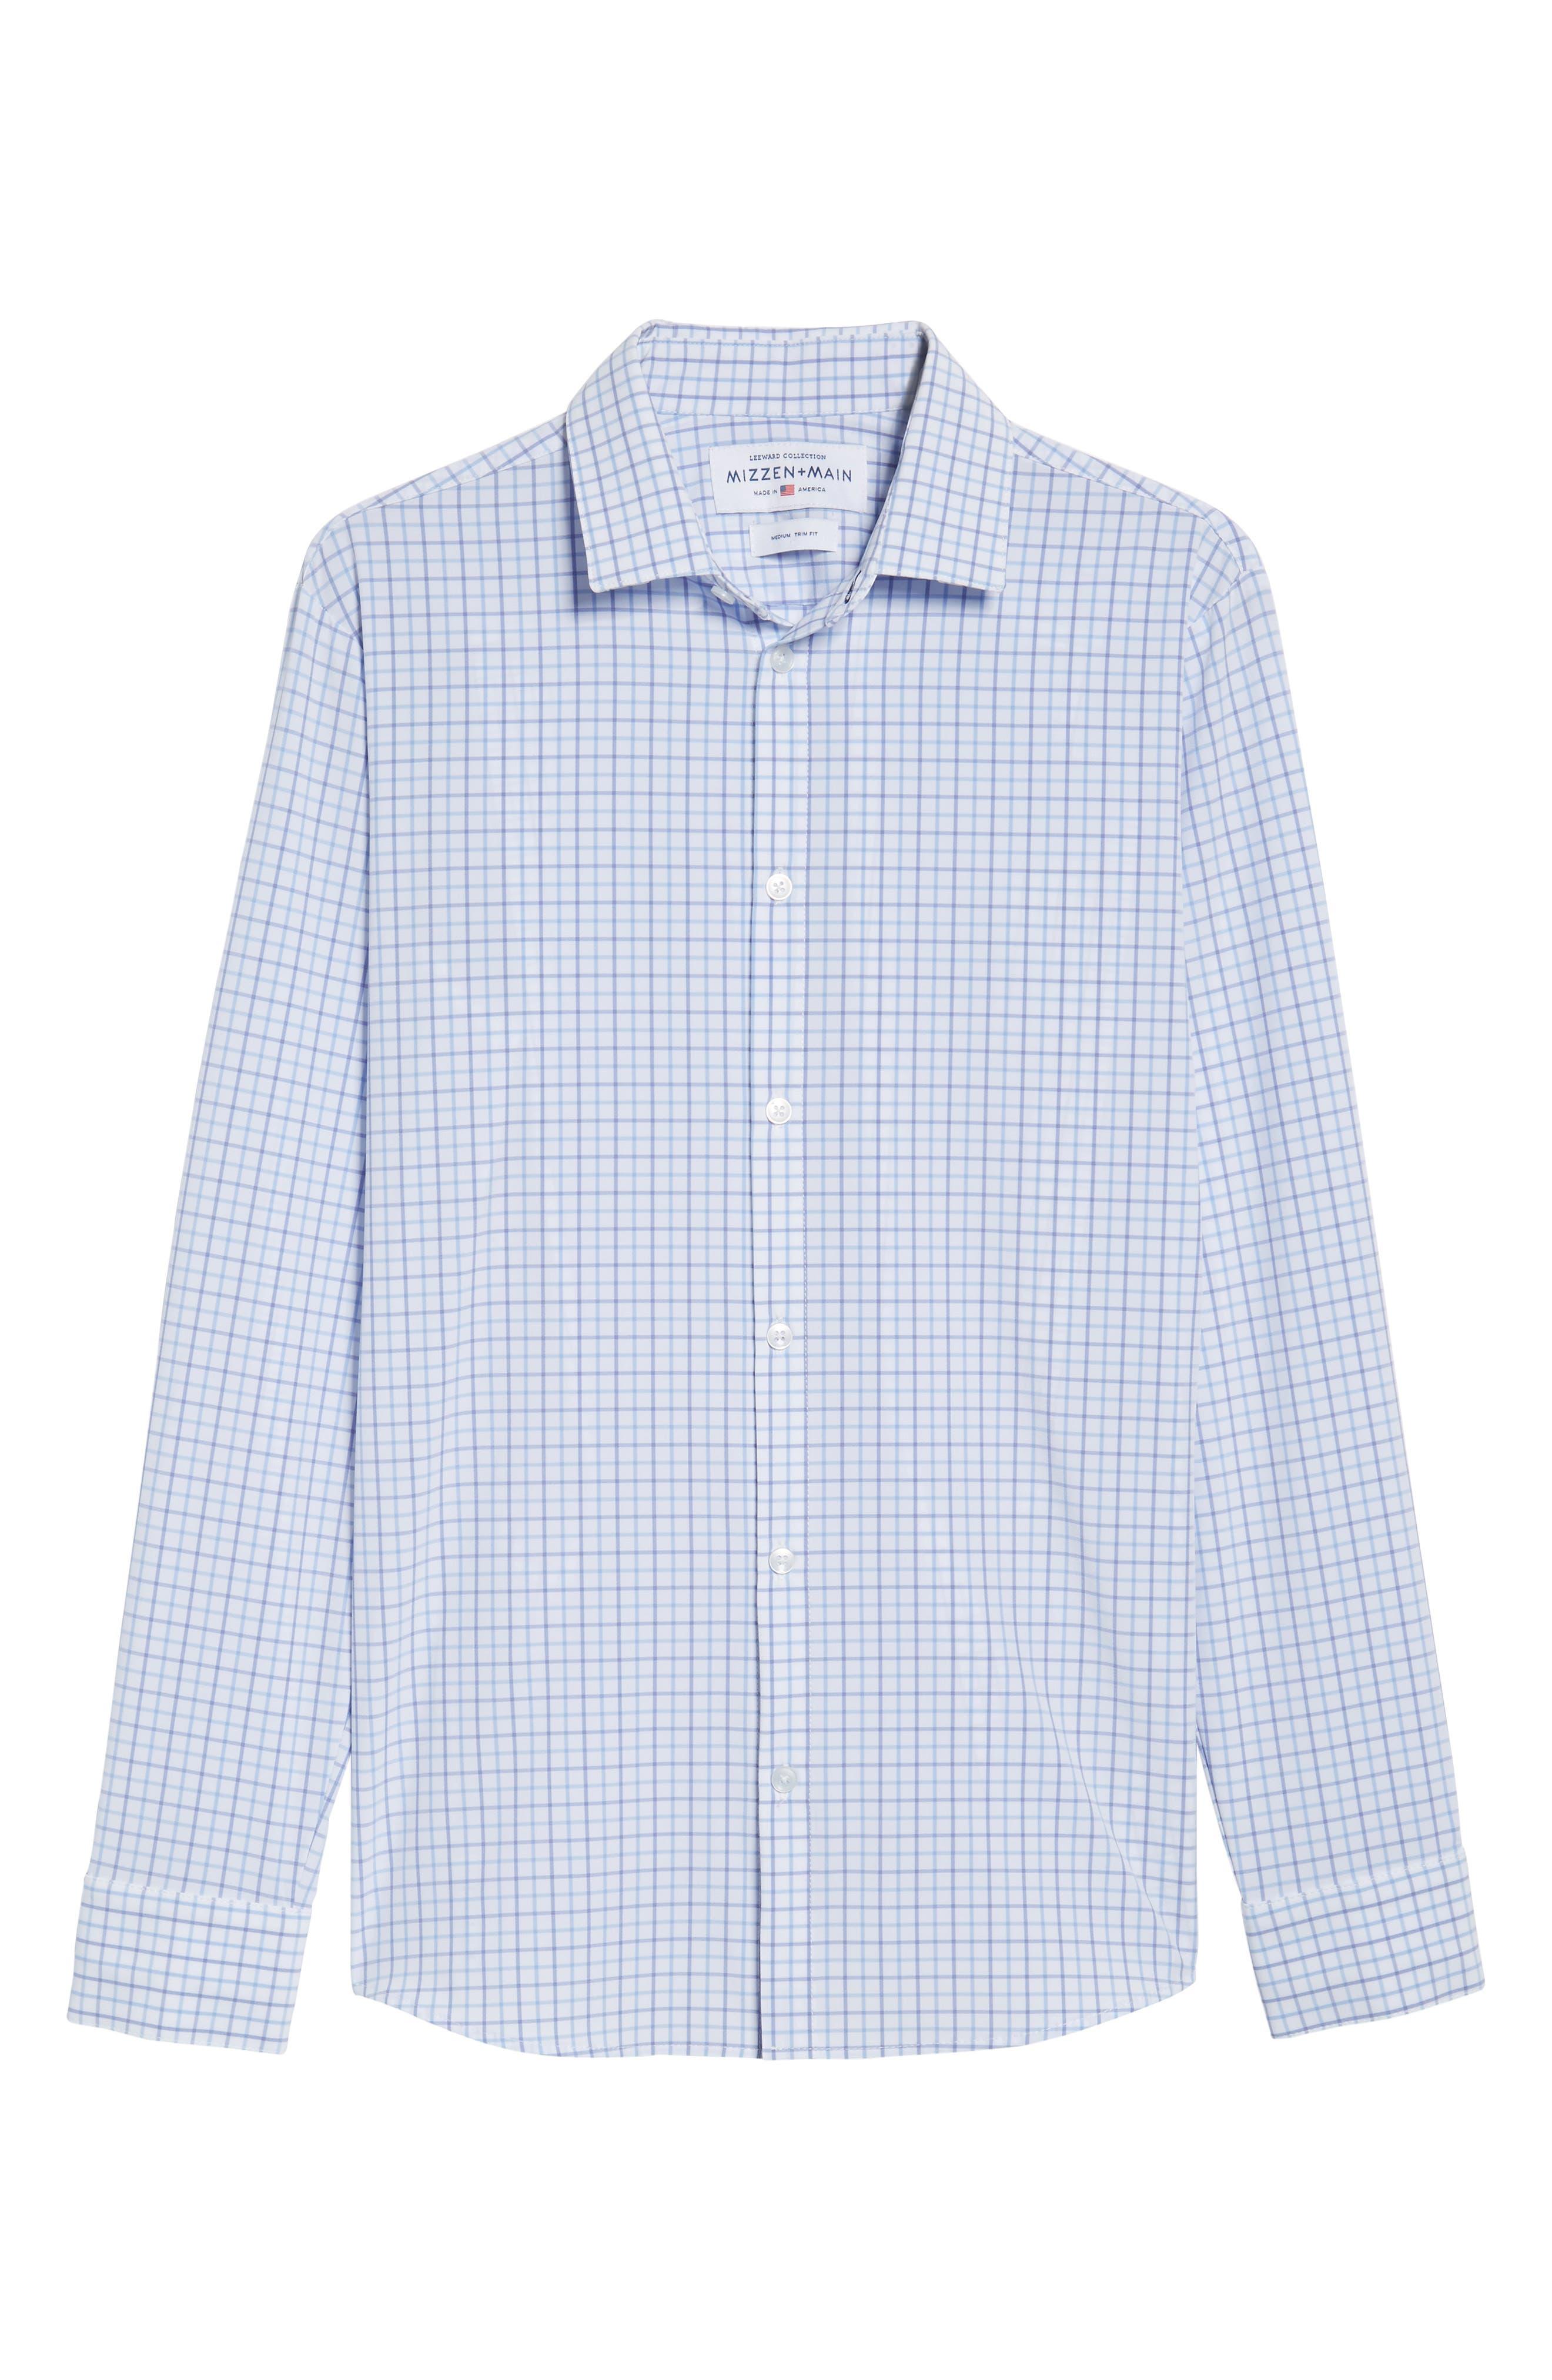 Hallandale Dusty Lavender Check Sport Shirt,                             Alternate thumbnail 6, color,                             160